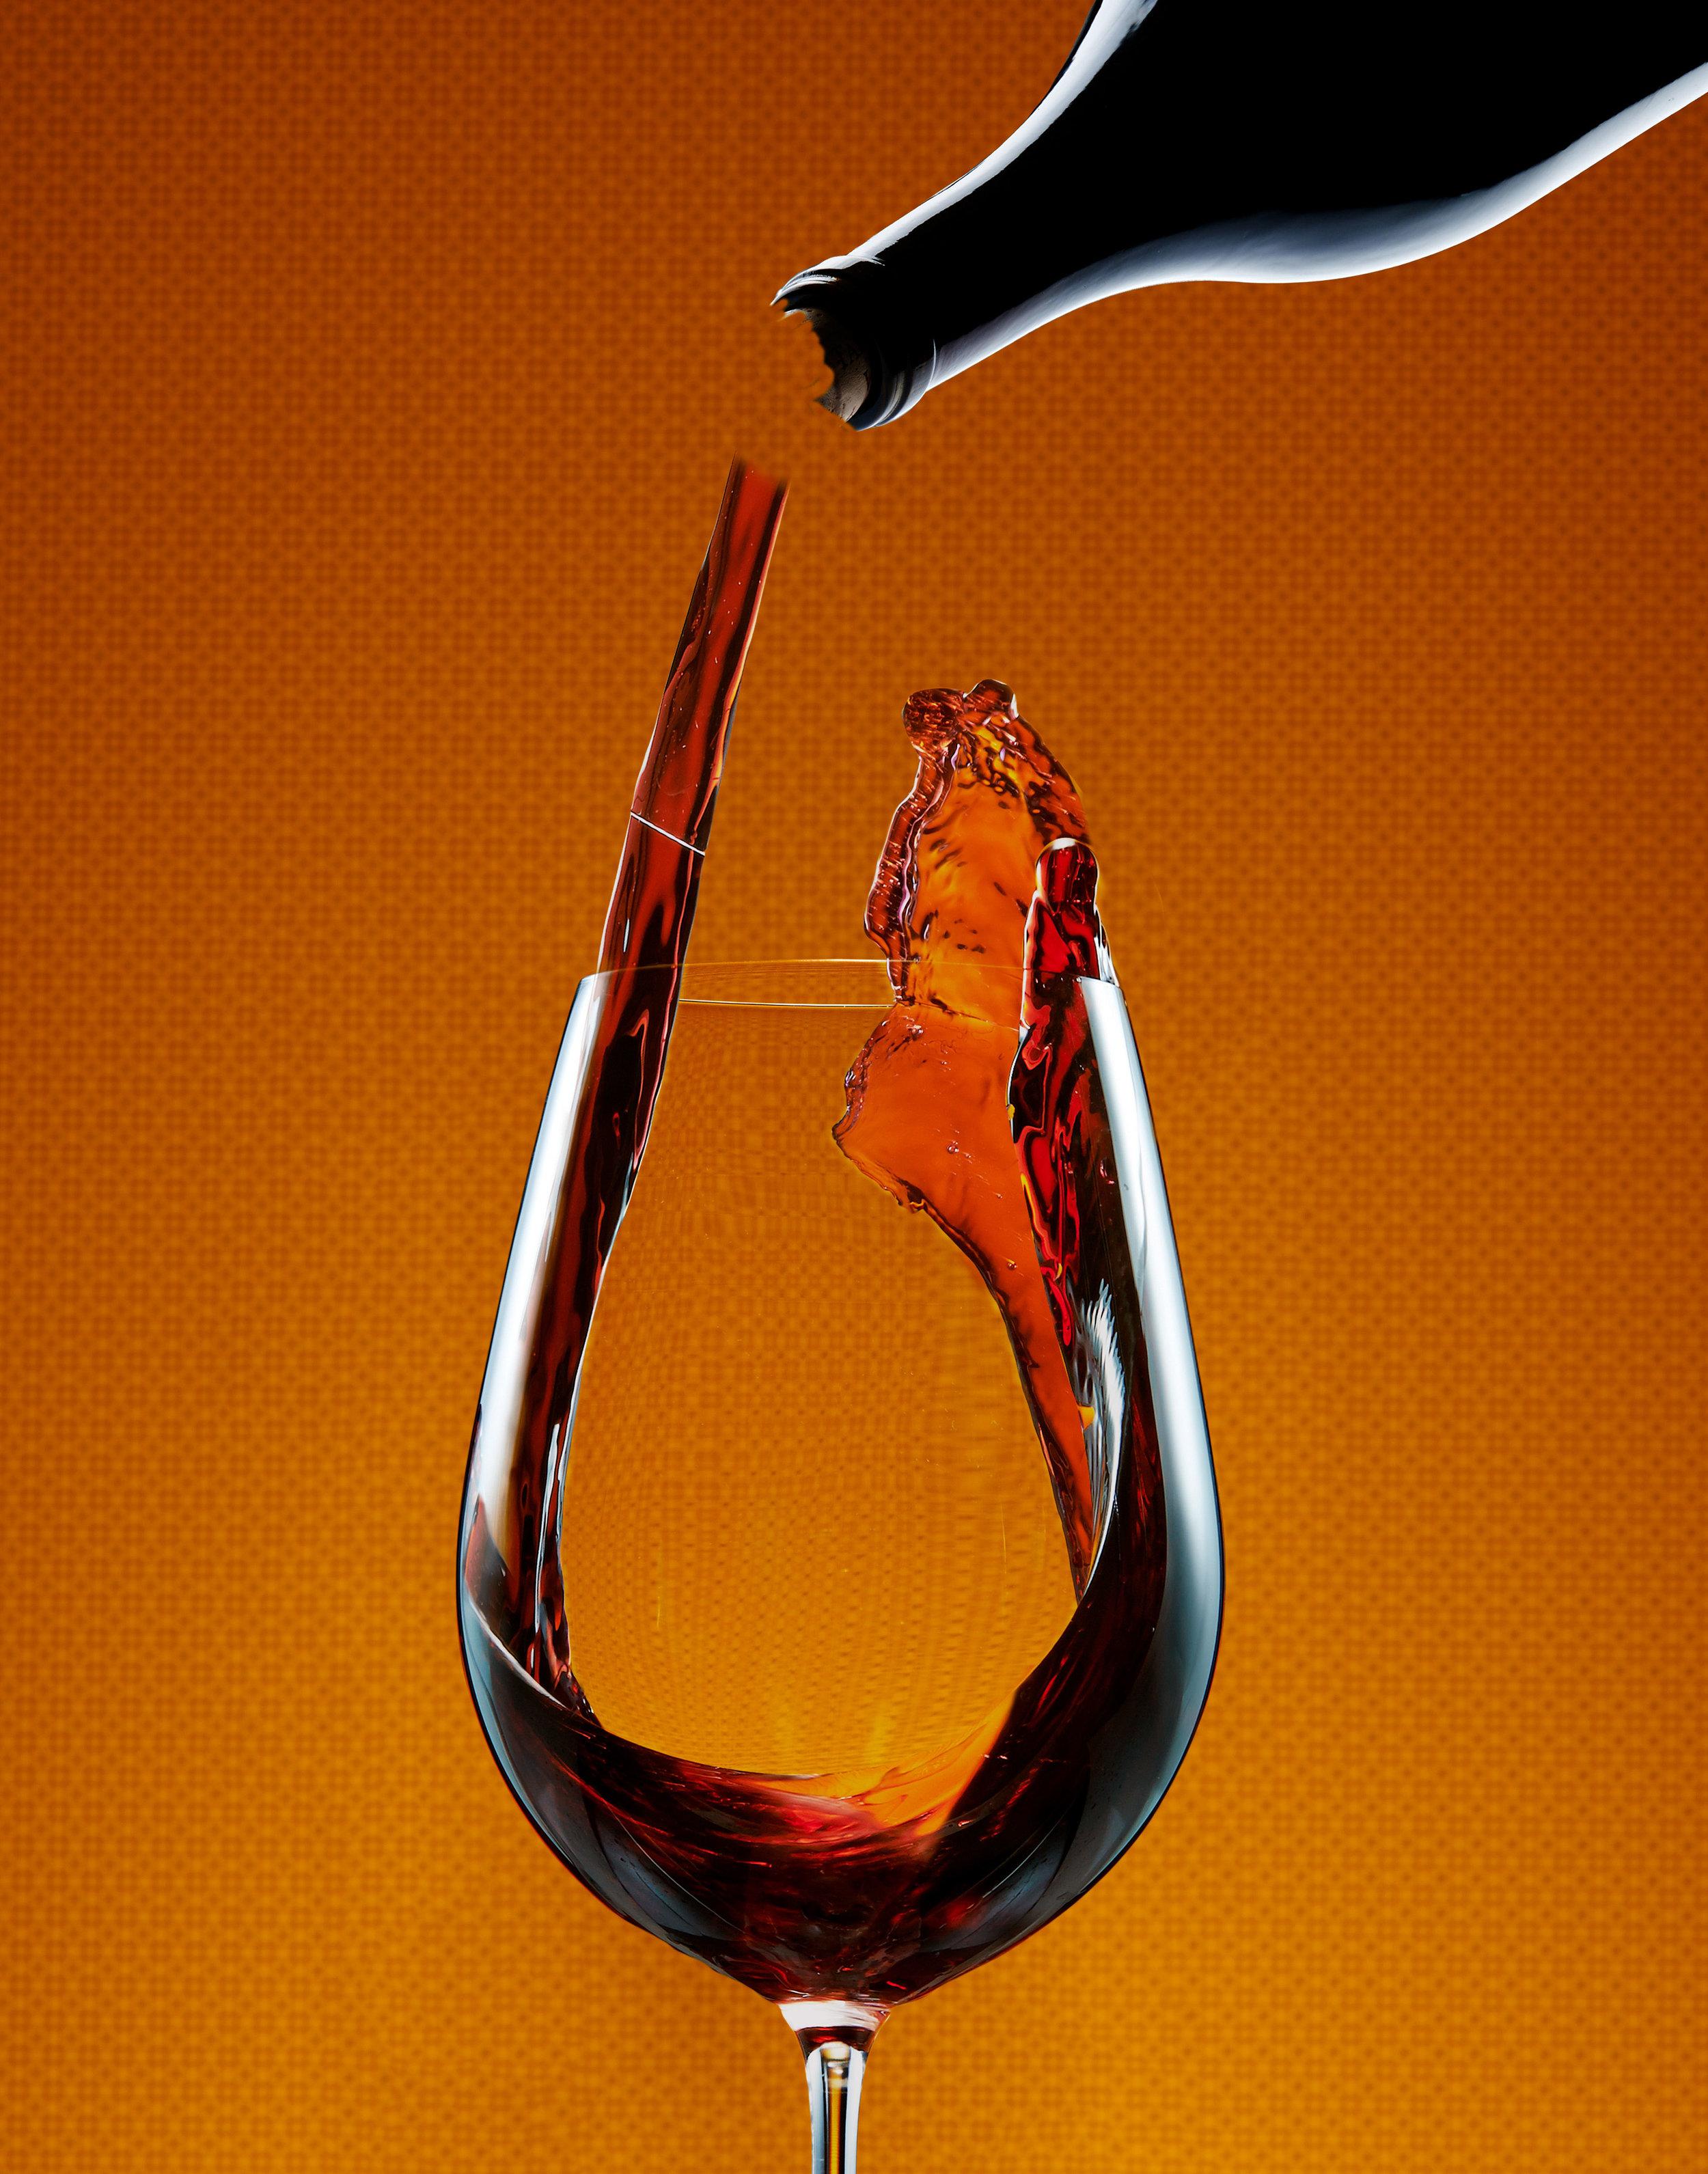 Wine_Before.jpg